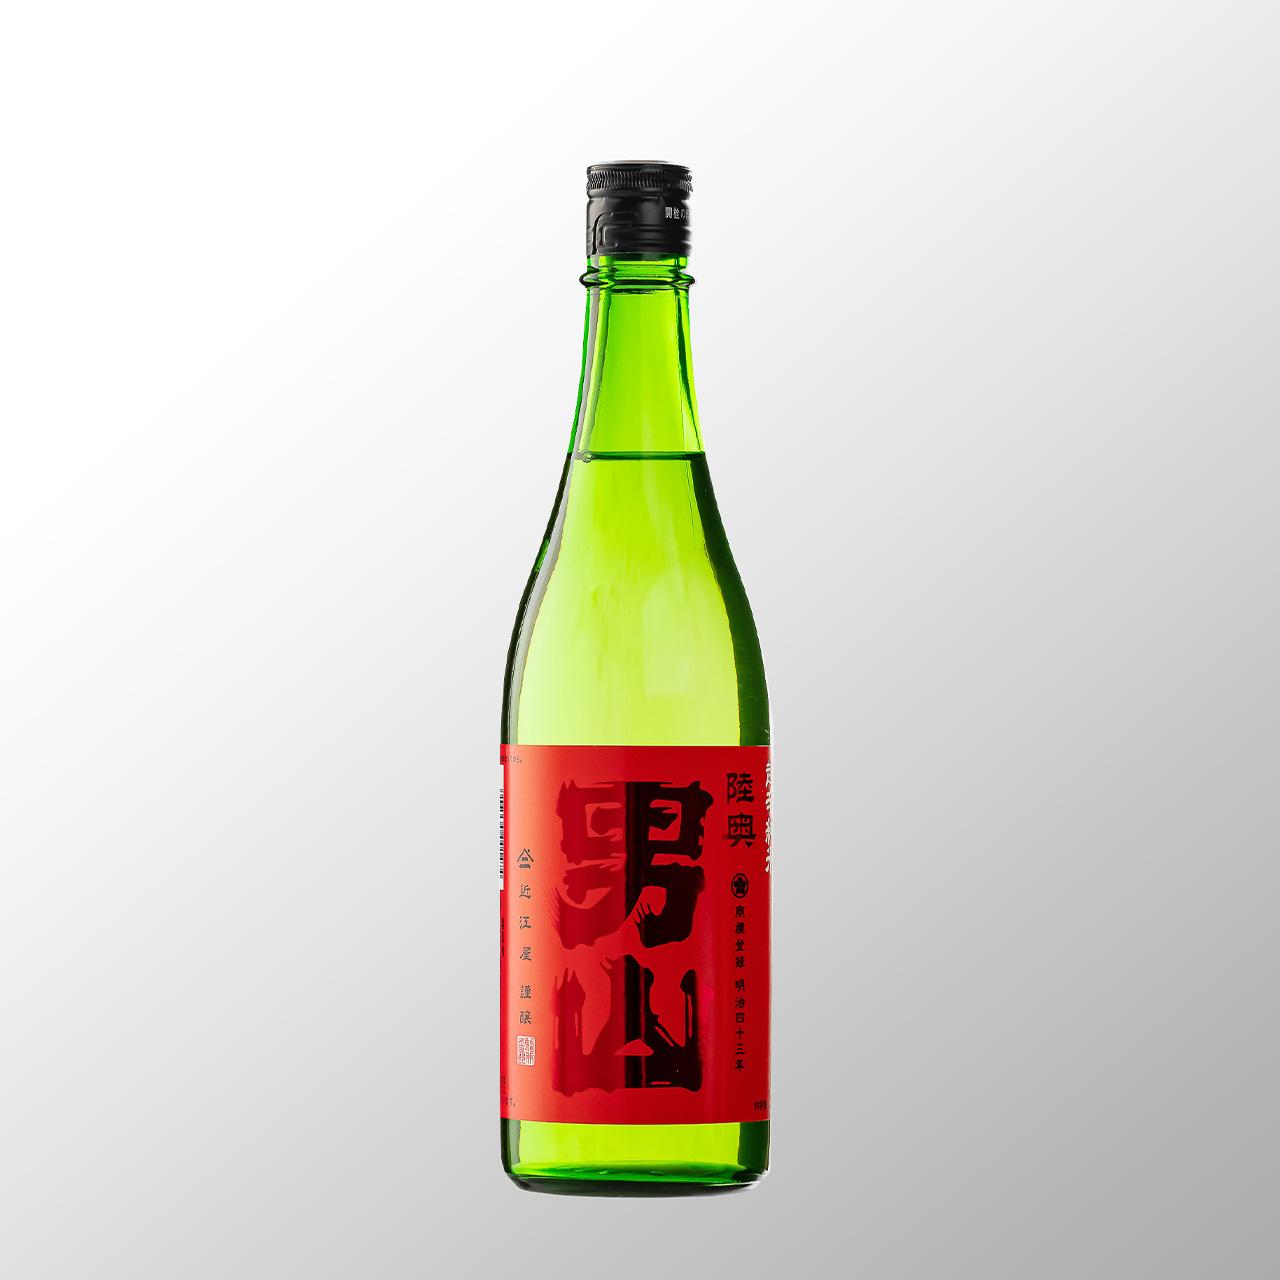 陸奥男山 超辛純米720